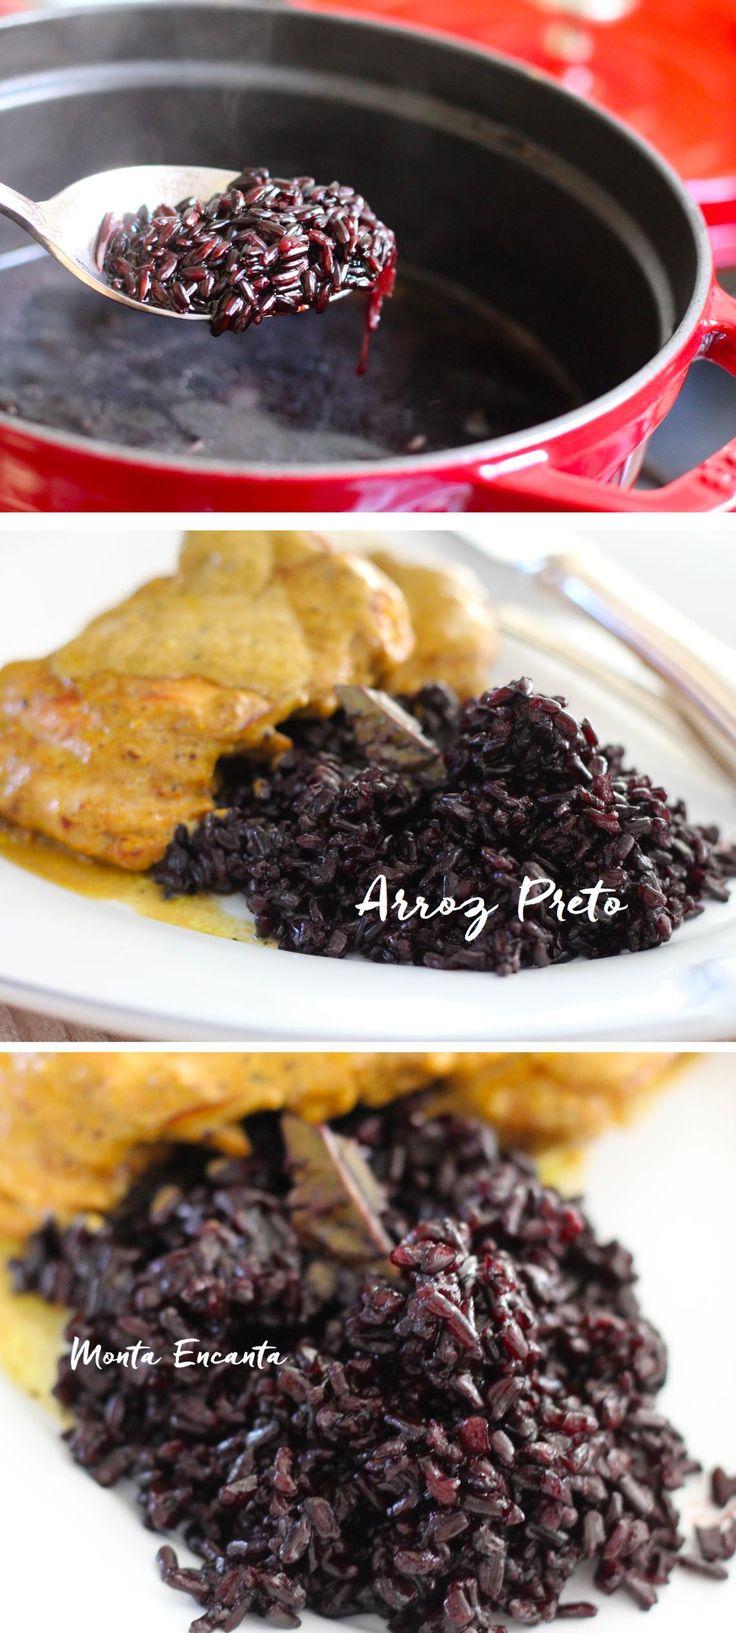 Como fazer Arroz Preto sem segredo! Pensando em variar o menu? Vai de arroz preto, pretinho básico que de básico não tem nada! Seu sabor é marcante, sua cor exuberante …